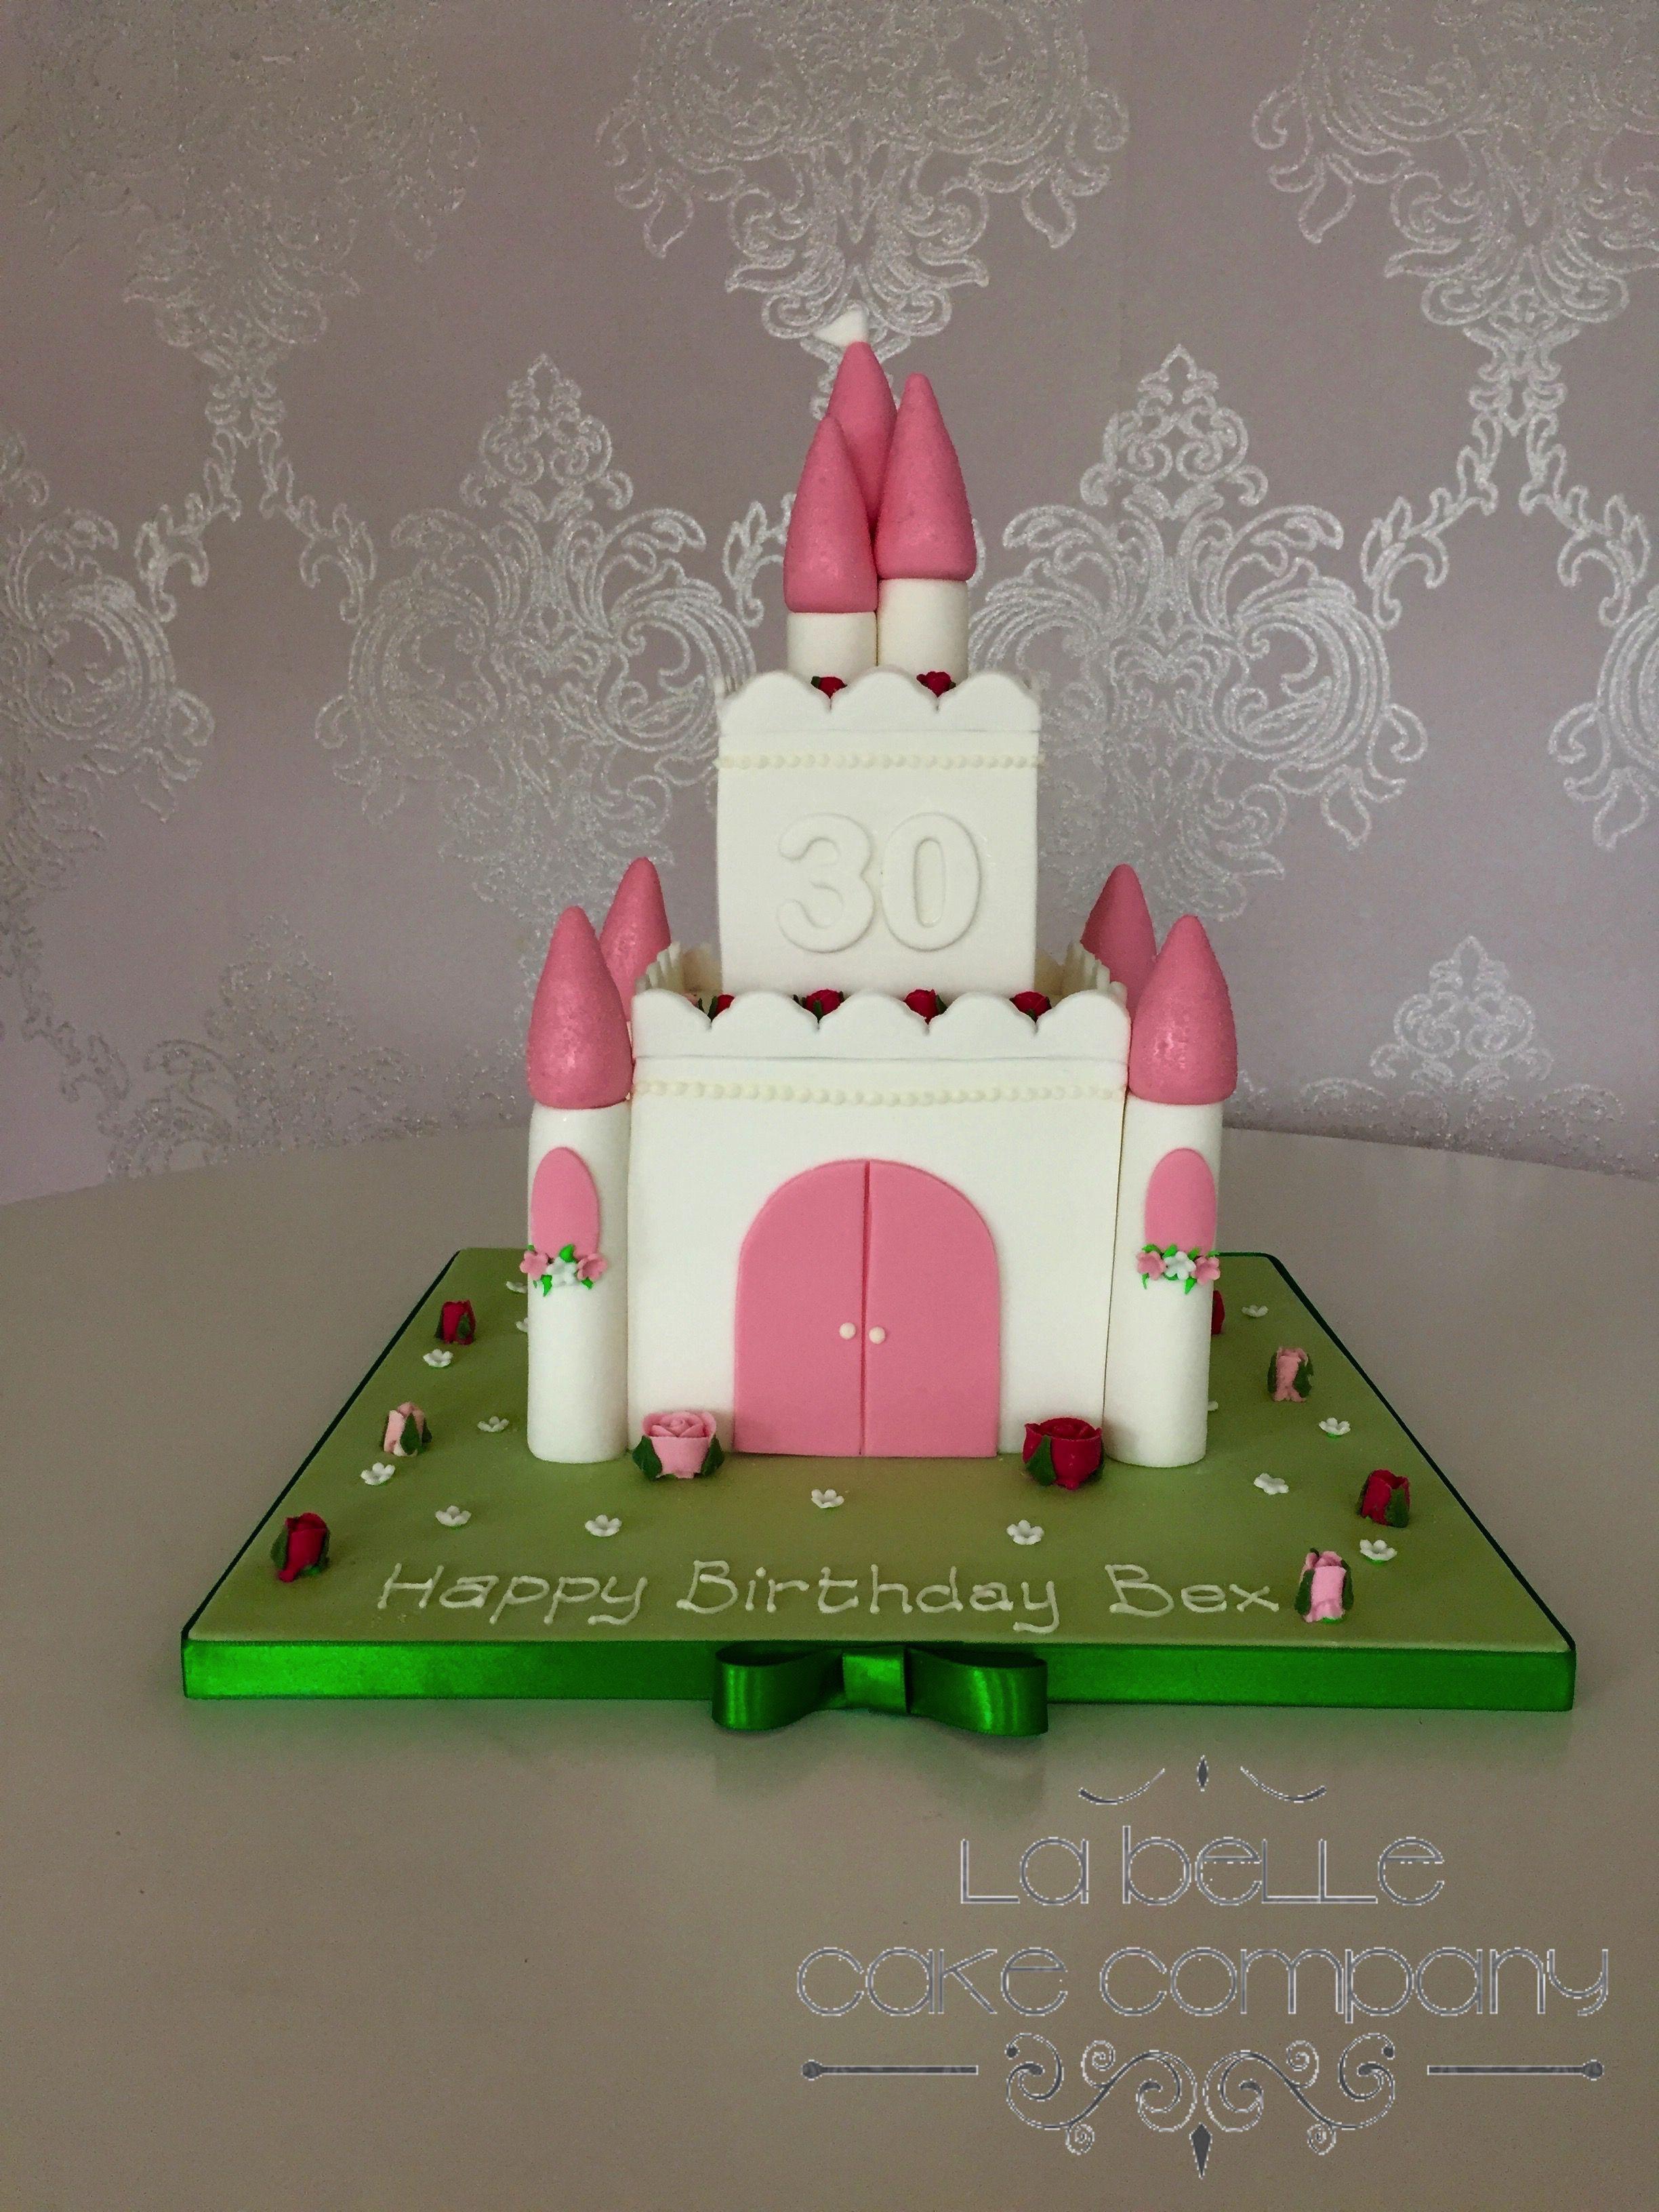 Princess Castle Birthday Celebration Cake By La Belle Cake Company